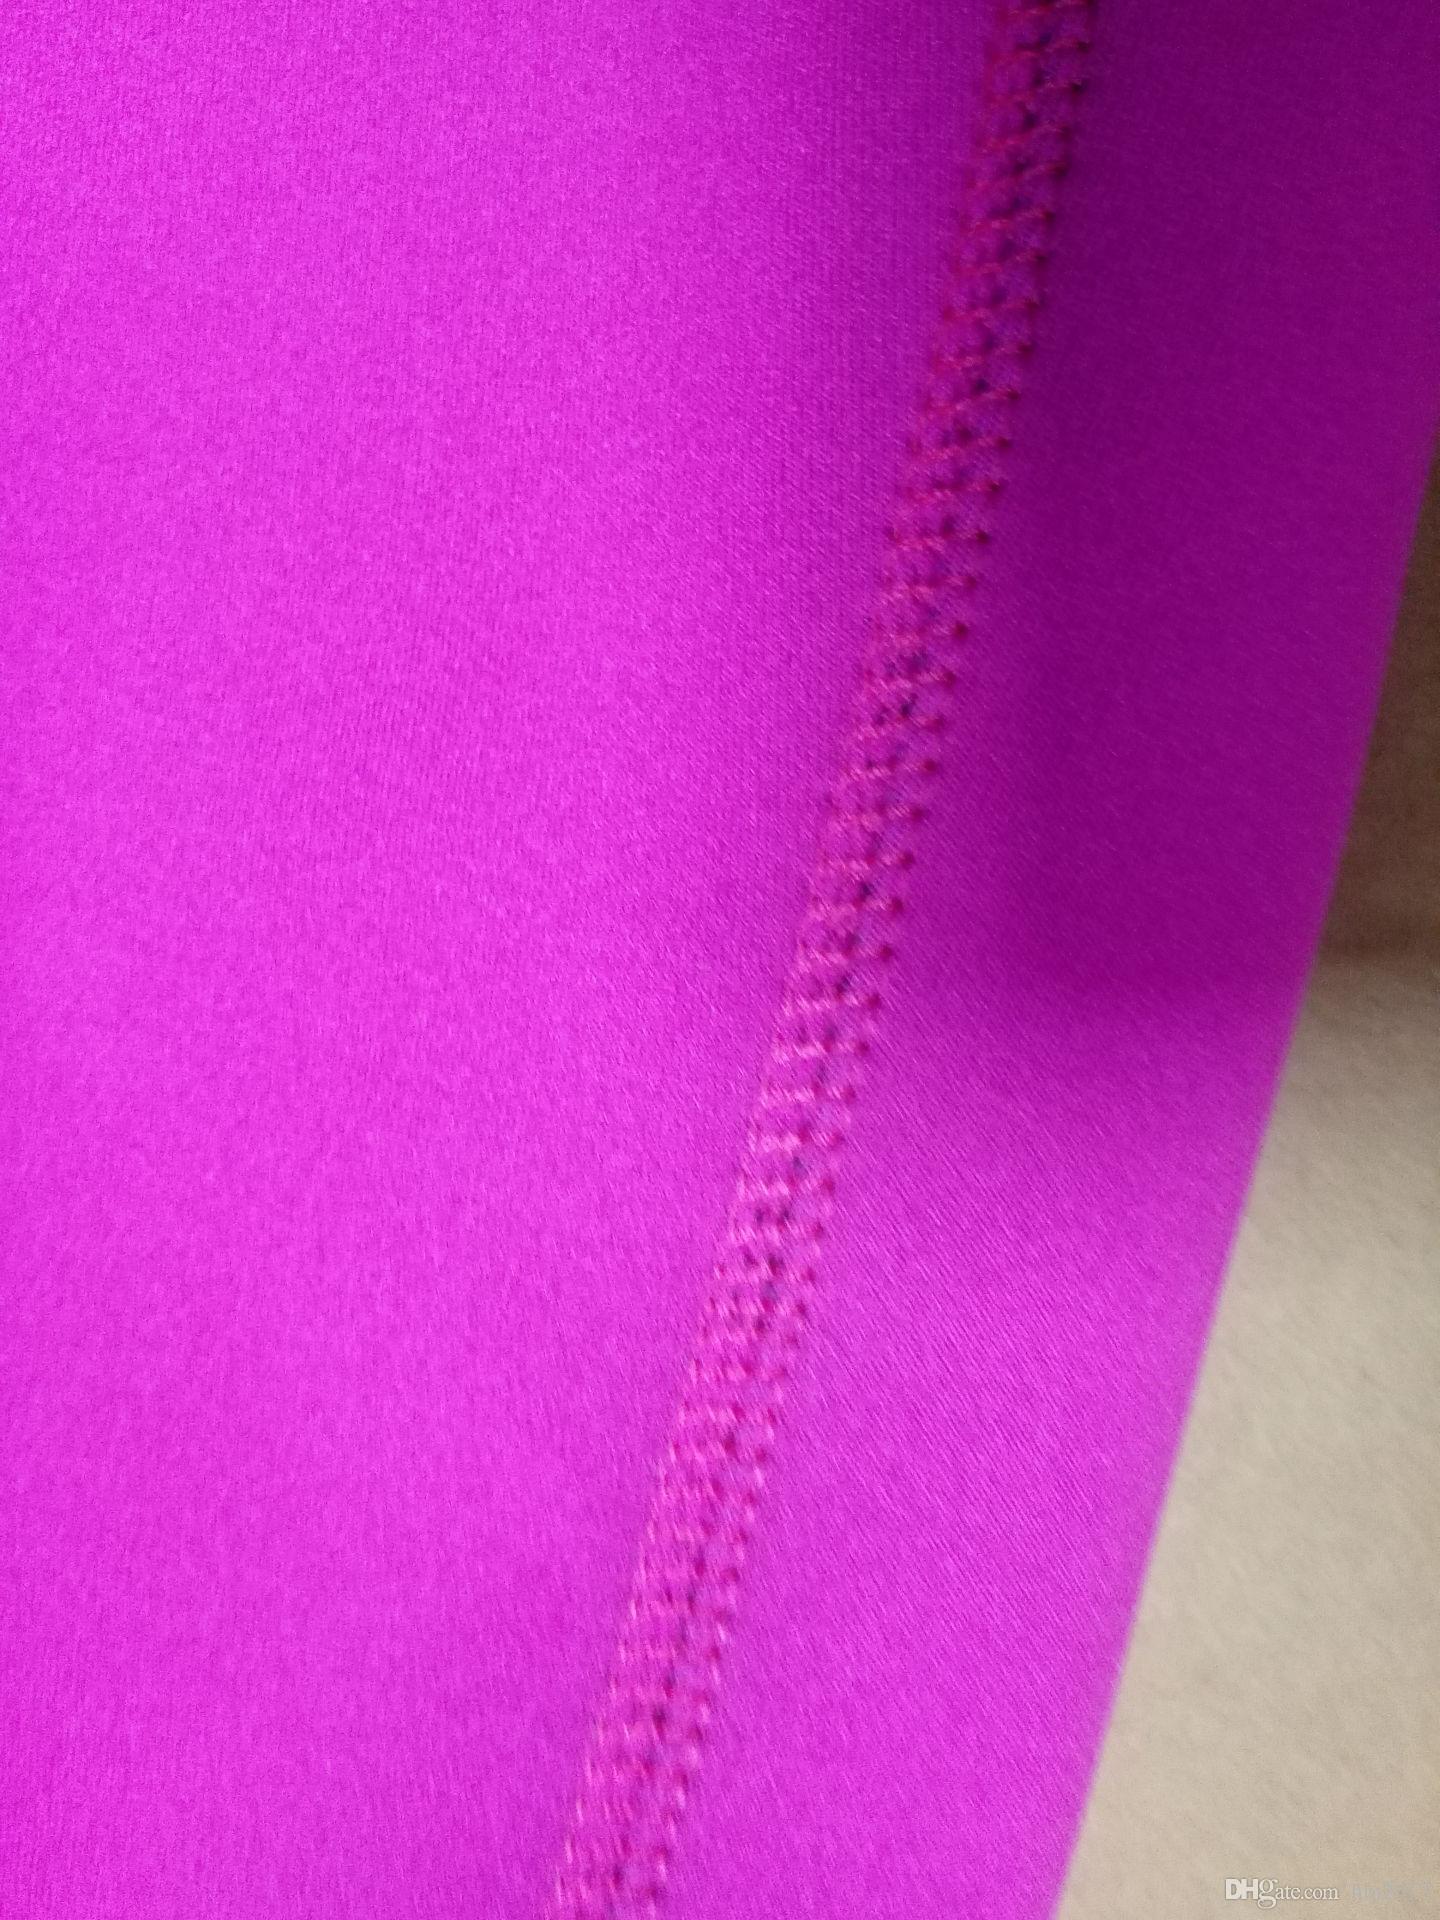 Women Waist Trainer Corset Hot Body Shaper Steel Bone Waist Cincher Control Shapers Slimming Belt Plus Size Shapwear Underwear